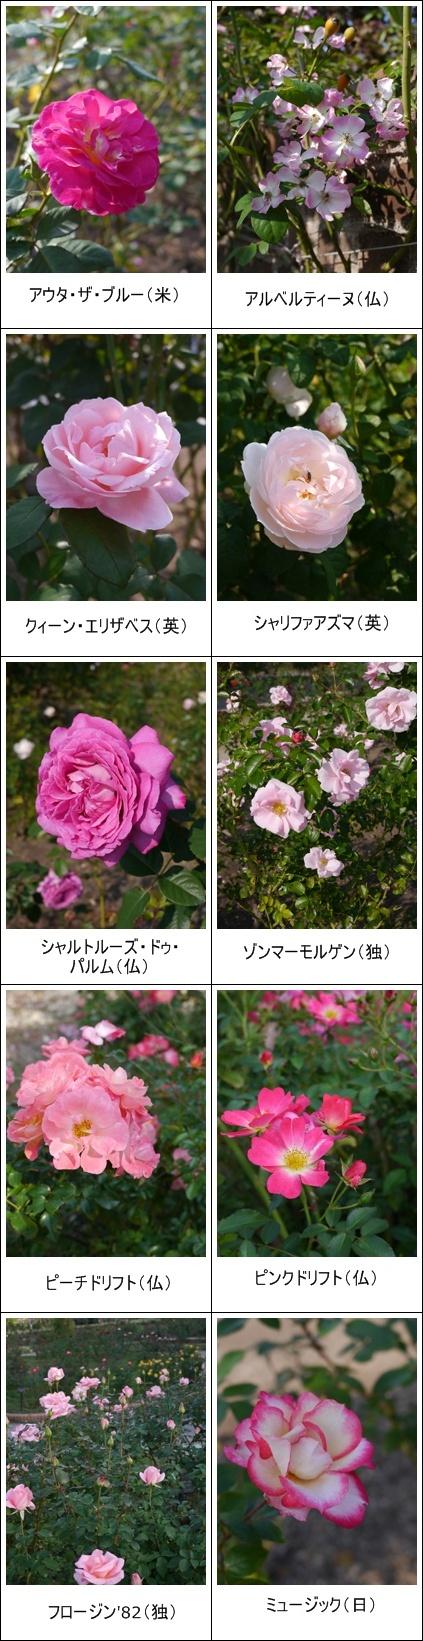 花フェスタ記念公園(秋)①_b0142989_19231532.jpg